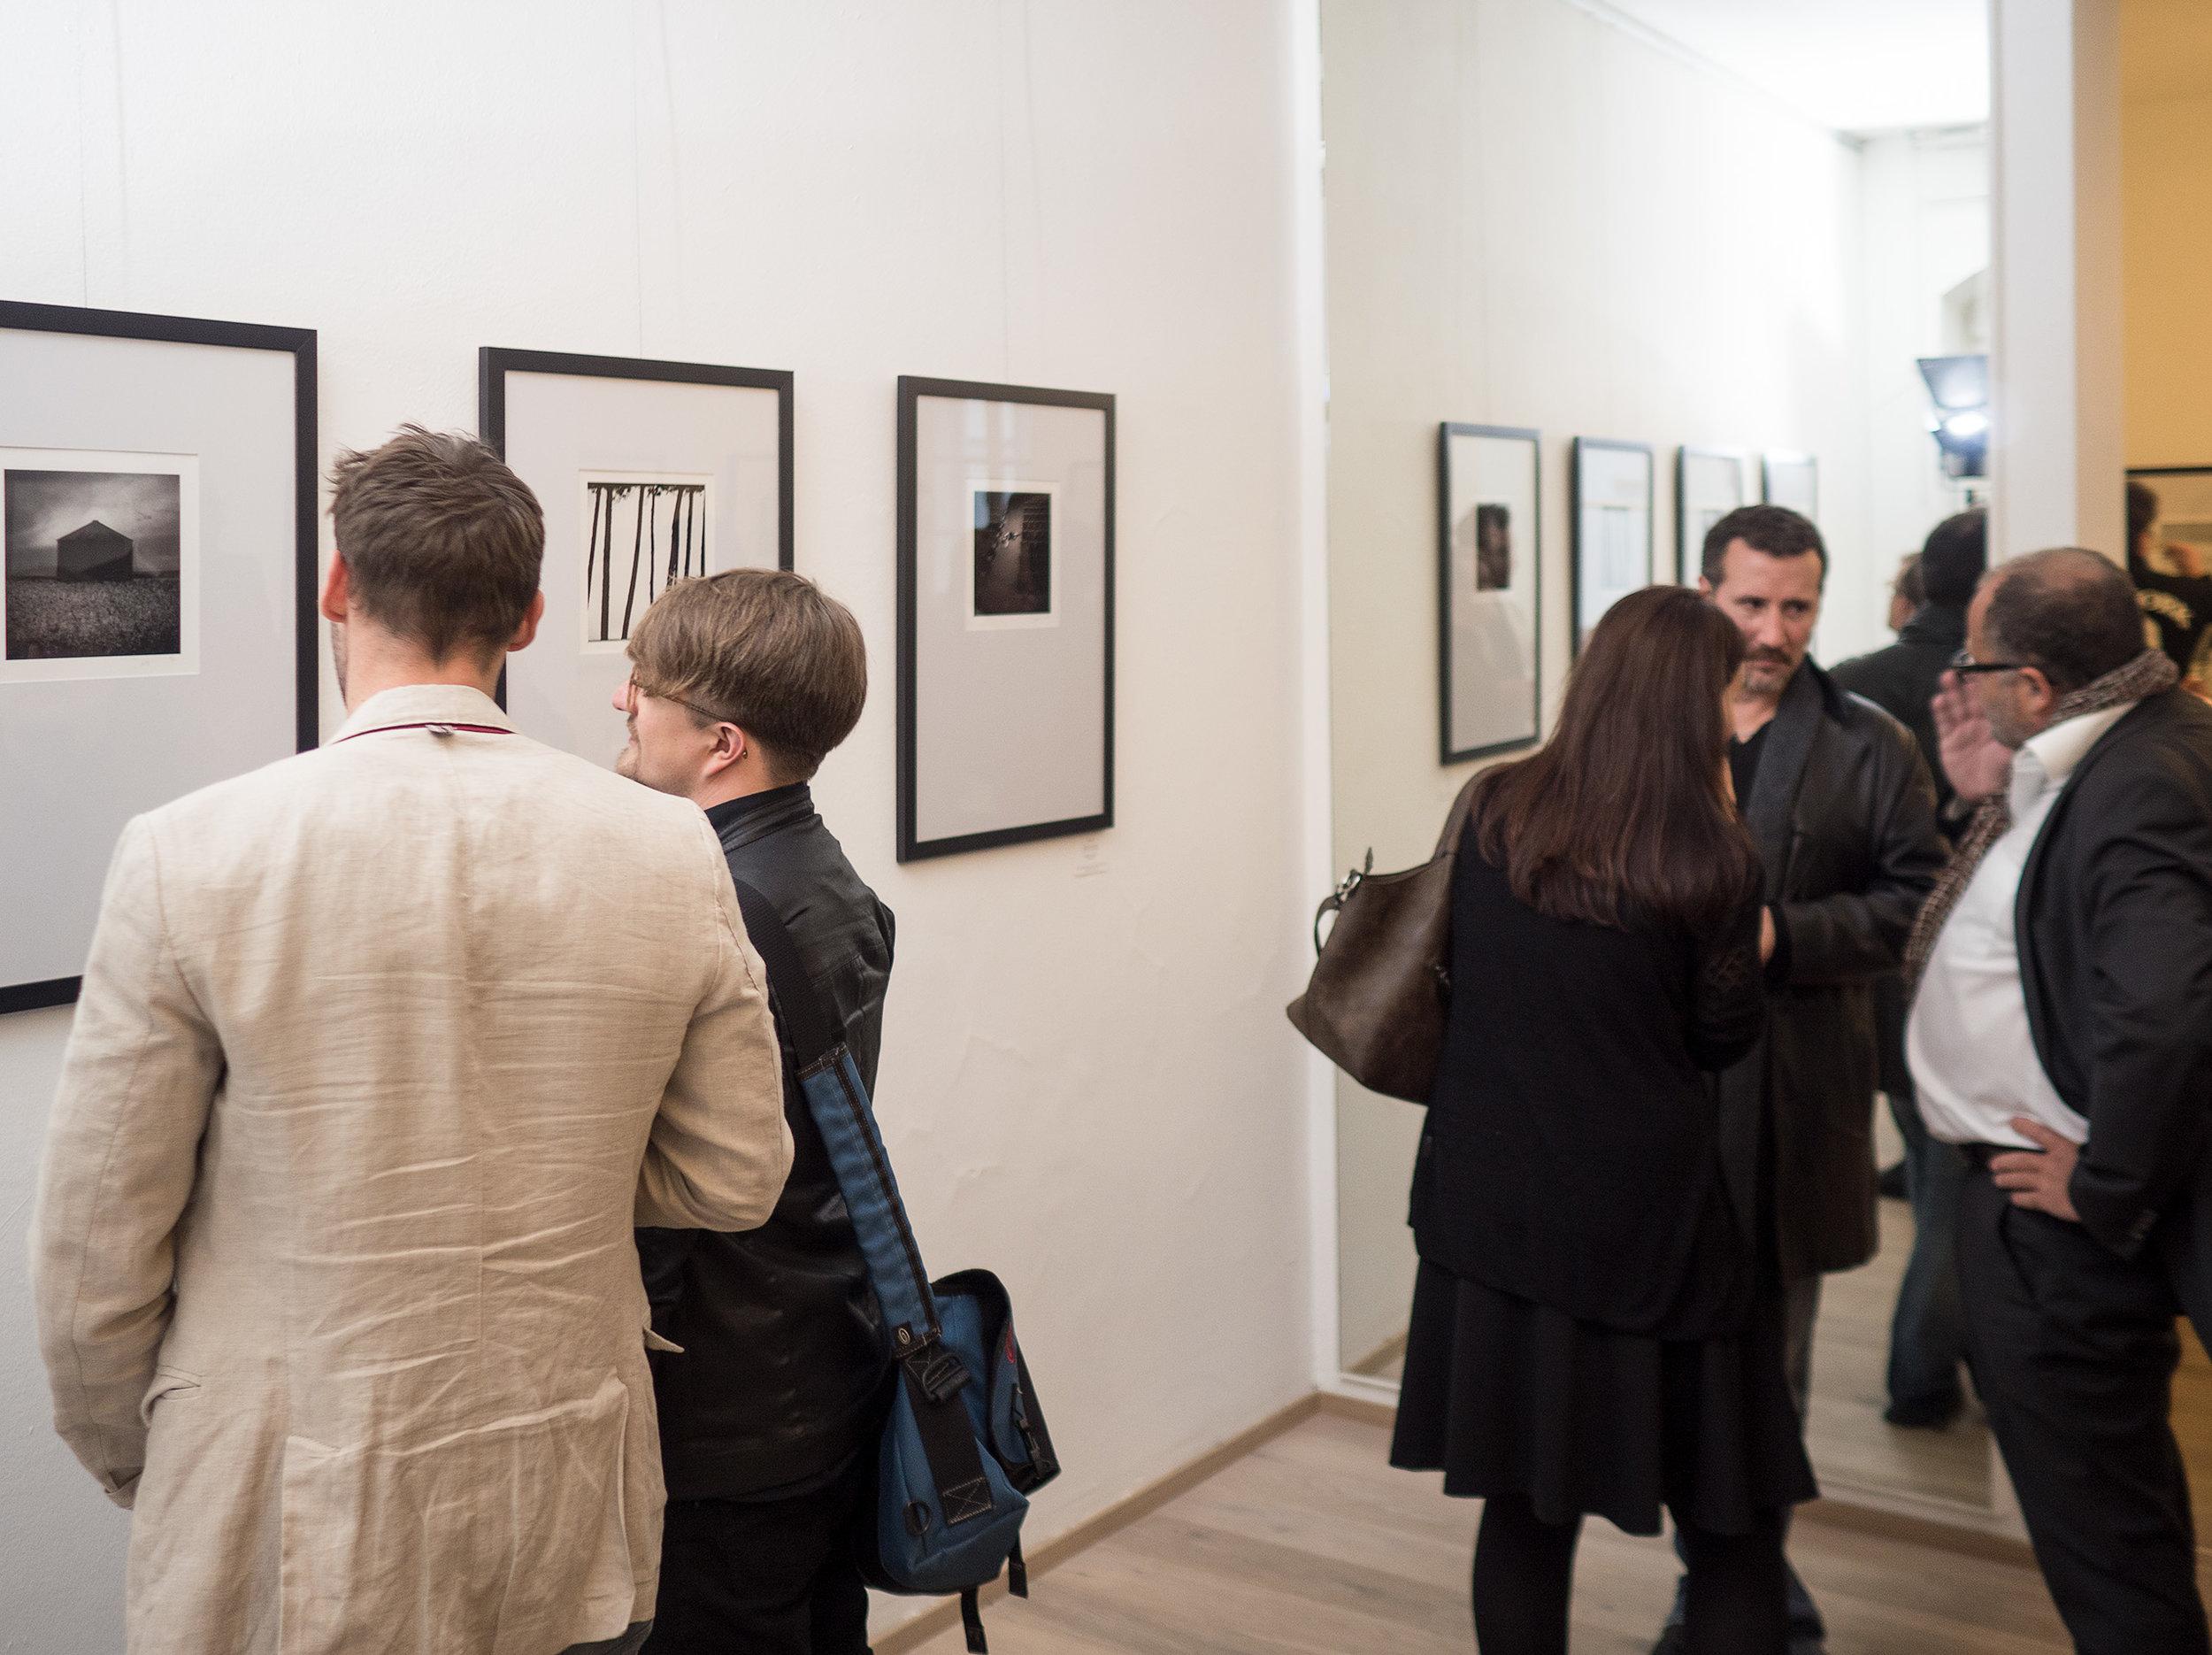 Galerie_LIK_deAngelis038.jpg